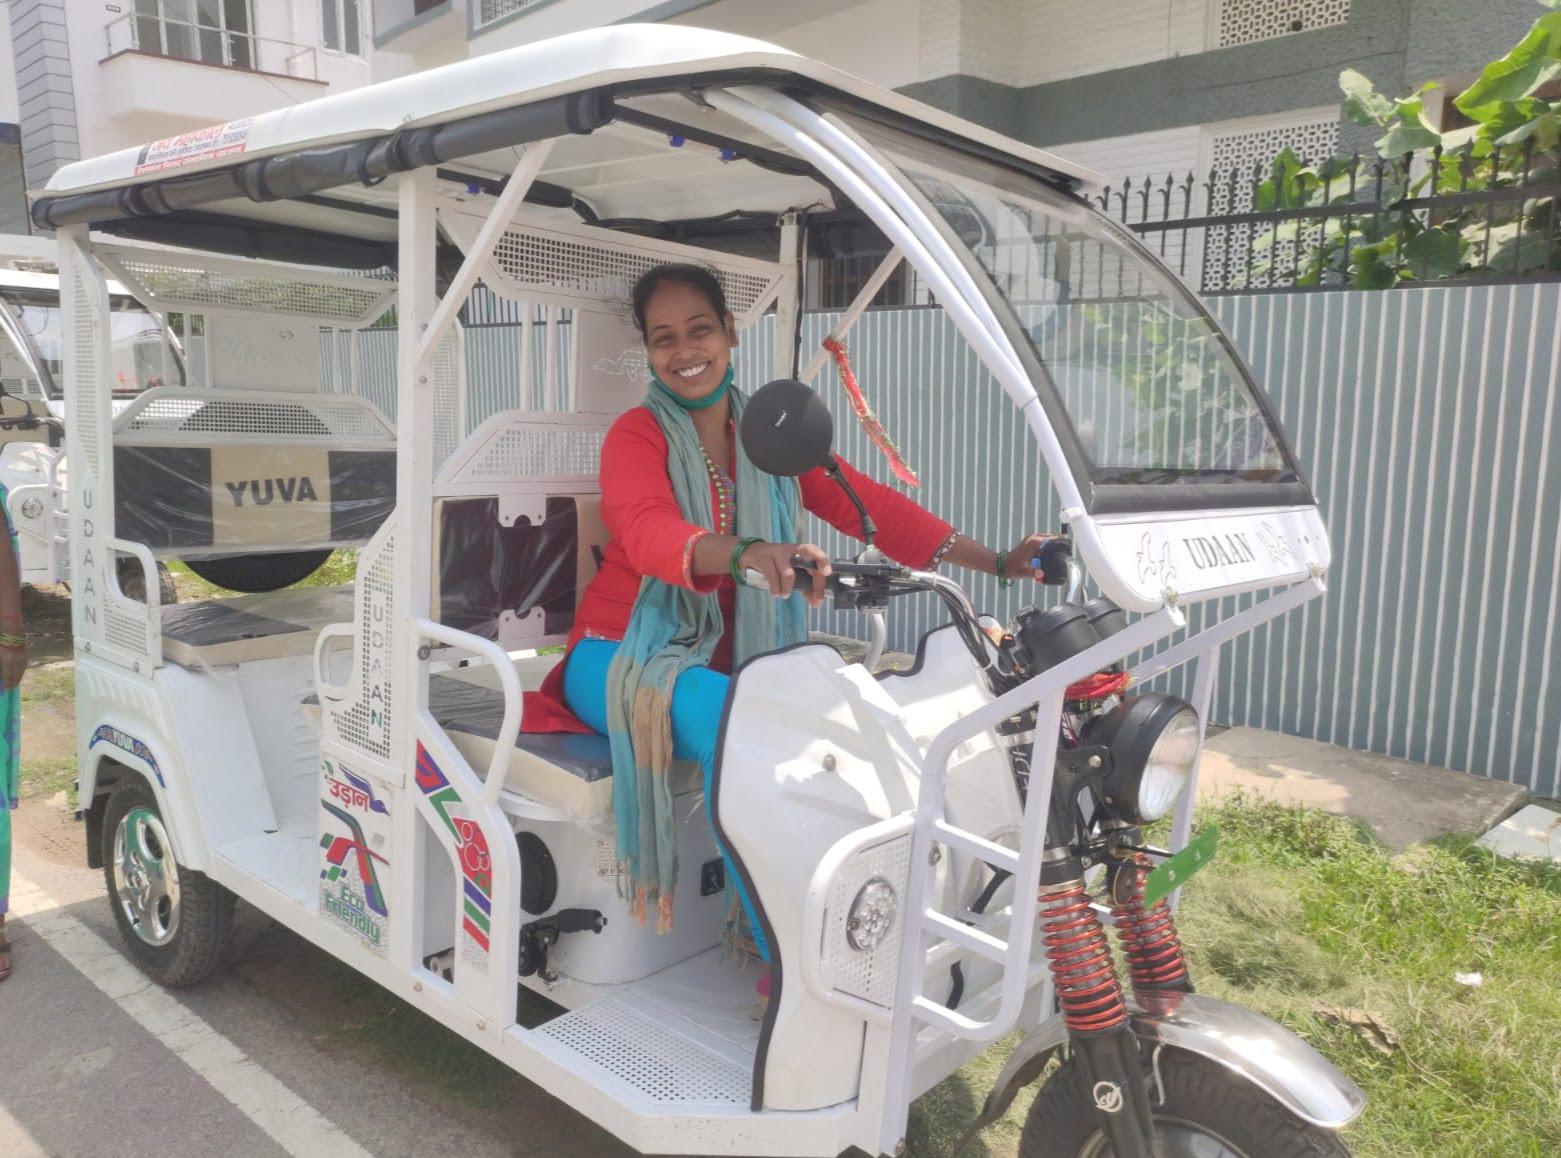 इन महिला ई-रिक्शा ड्राइवरों ने चुनी अपनी आर्थिक आज़ादी